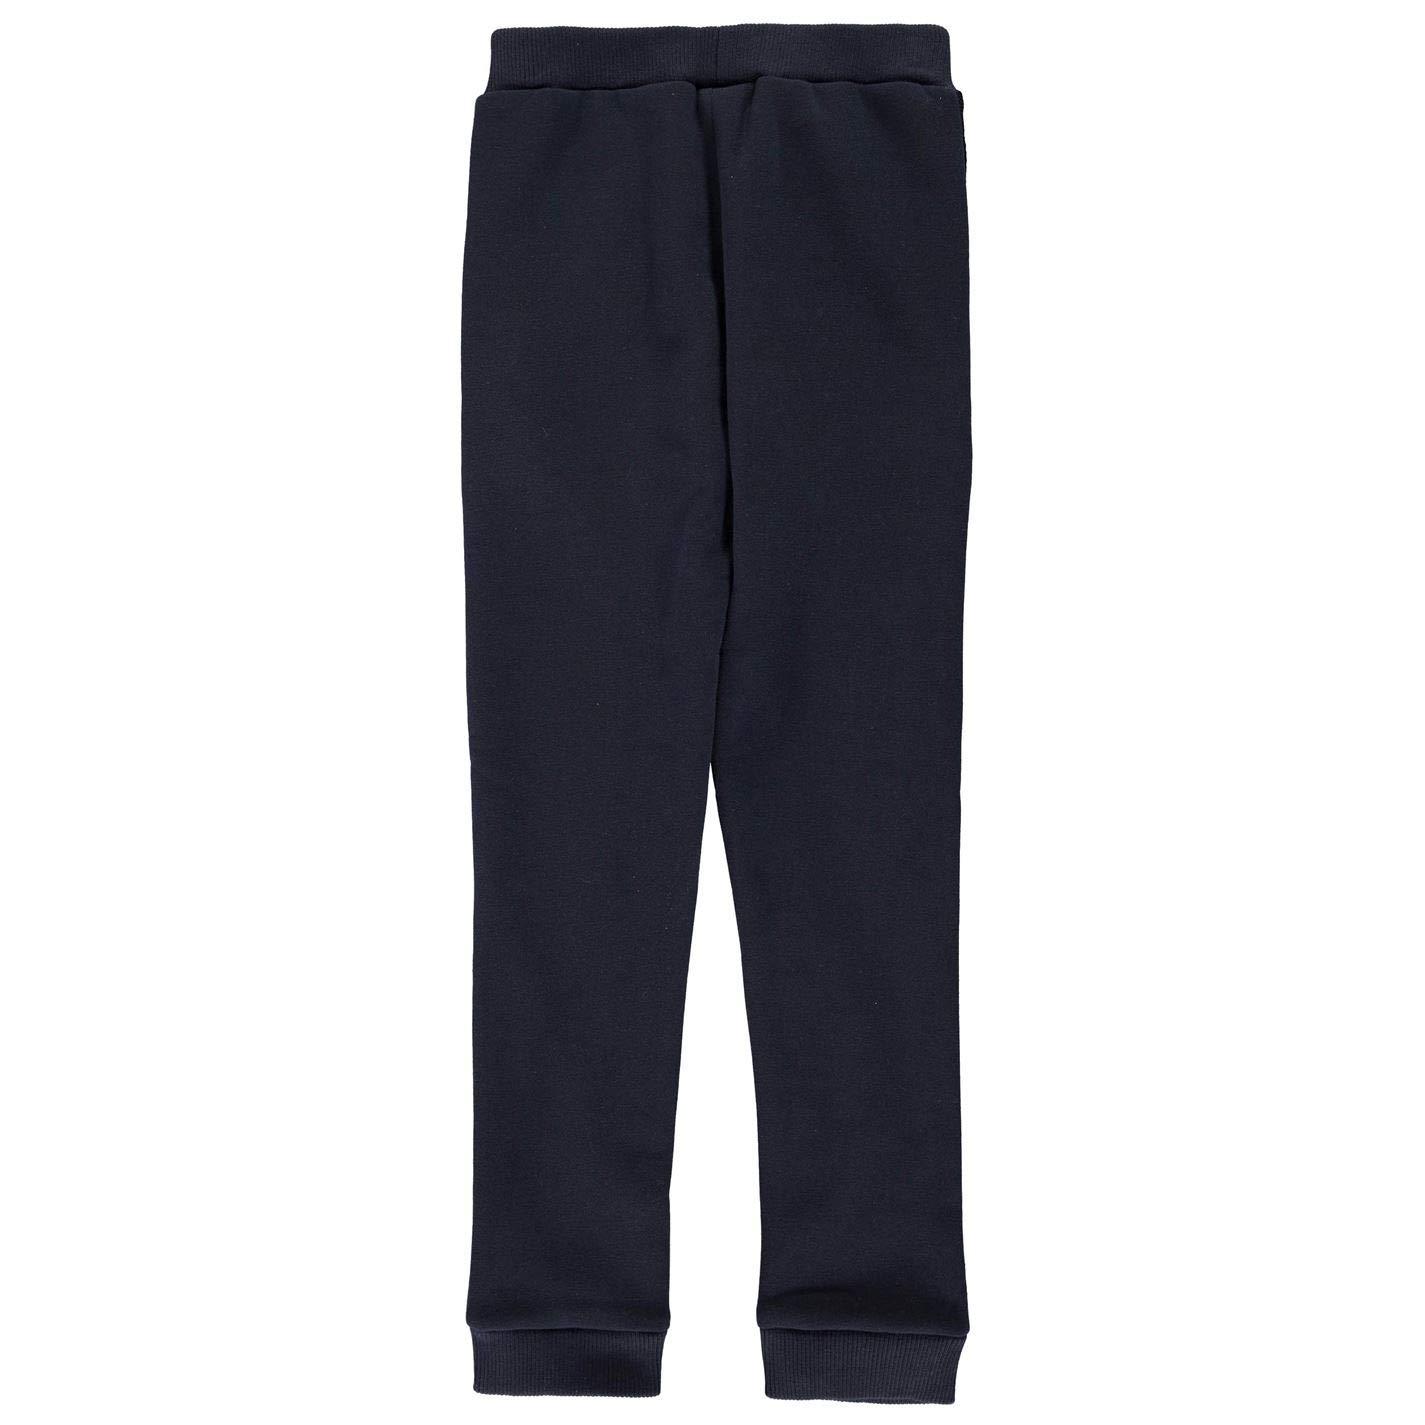 online retailer huge sale best supplier Everlast Pantalon de Course Survêtement Garçon: Amazon.fr ...